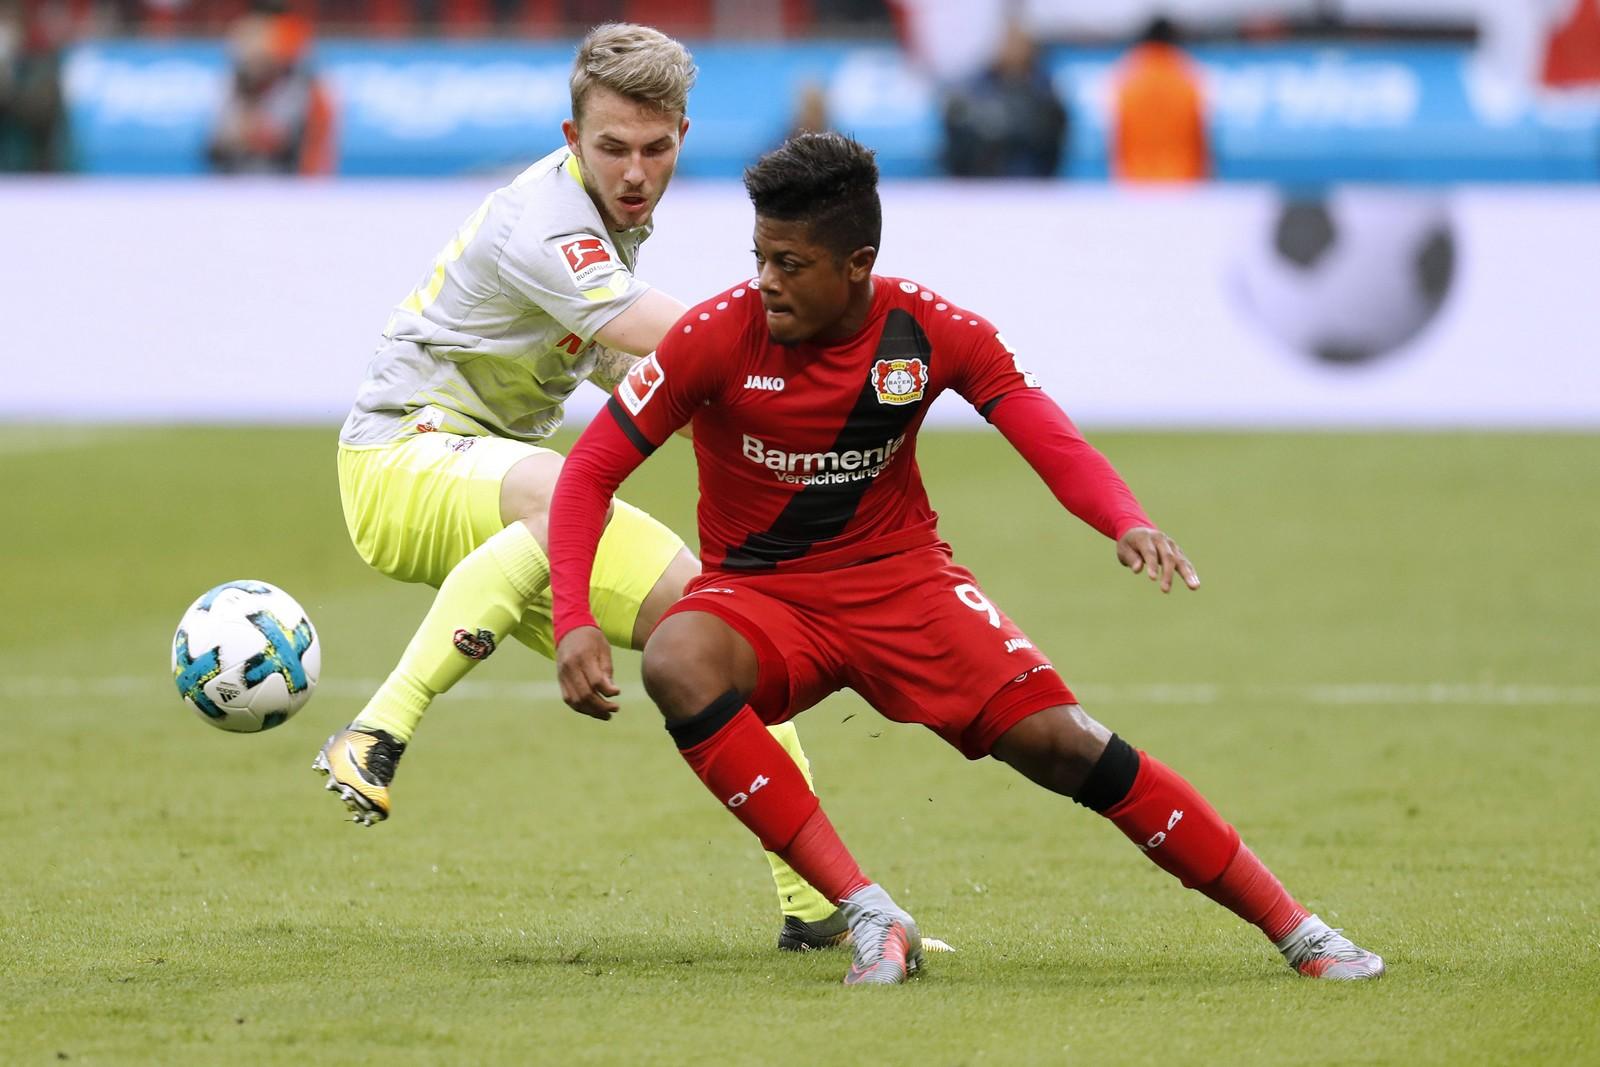 Leon Bailey von Bayer Leverkusen gegen Jannes Horn vom 1. FC Köln